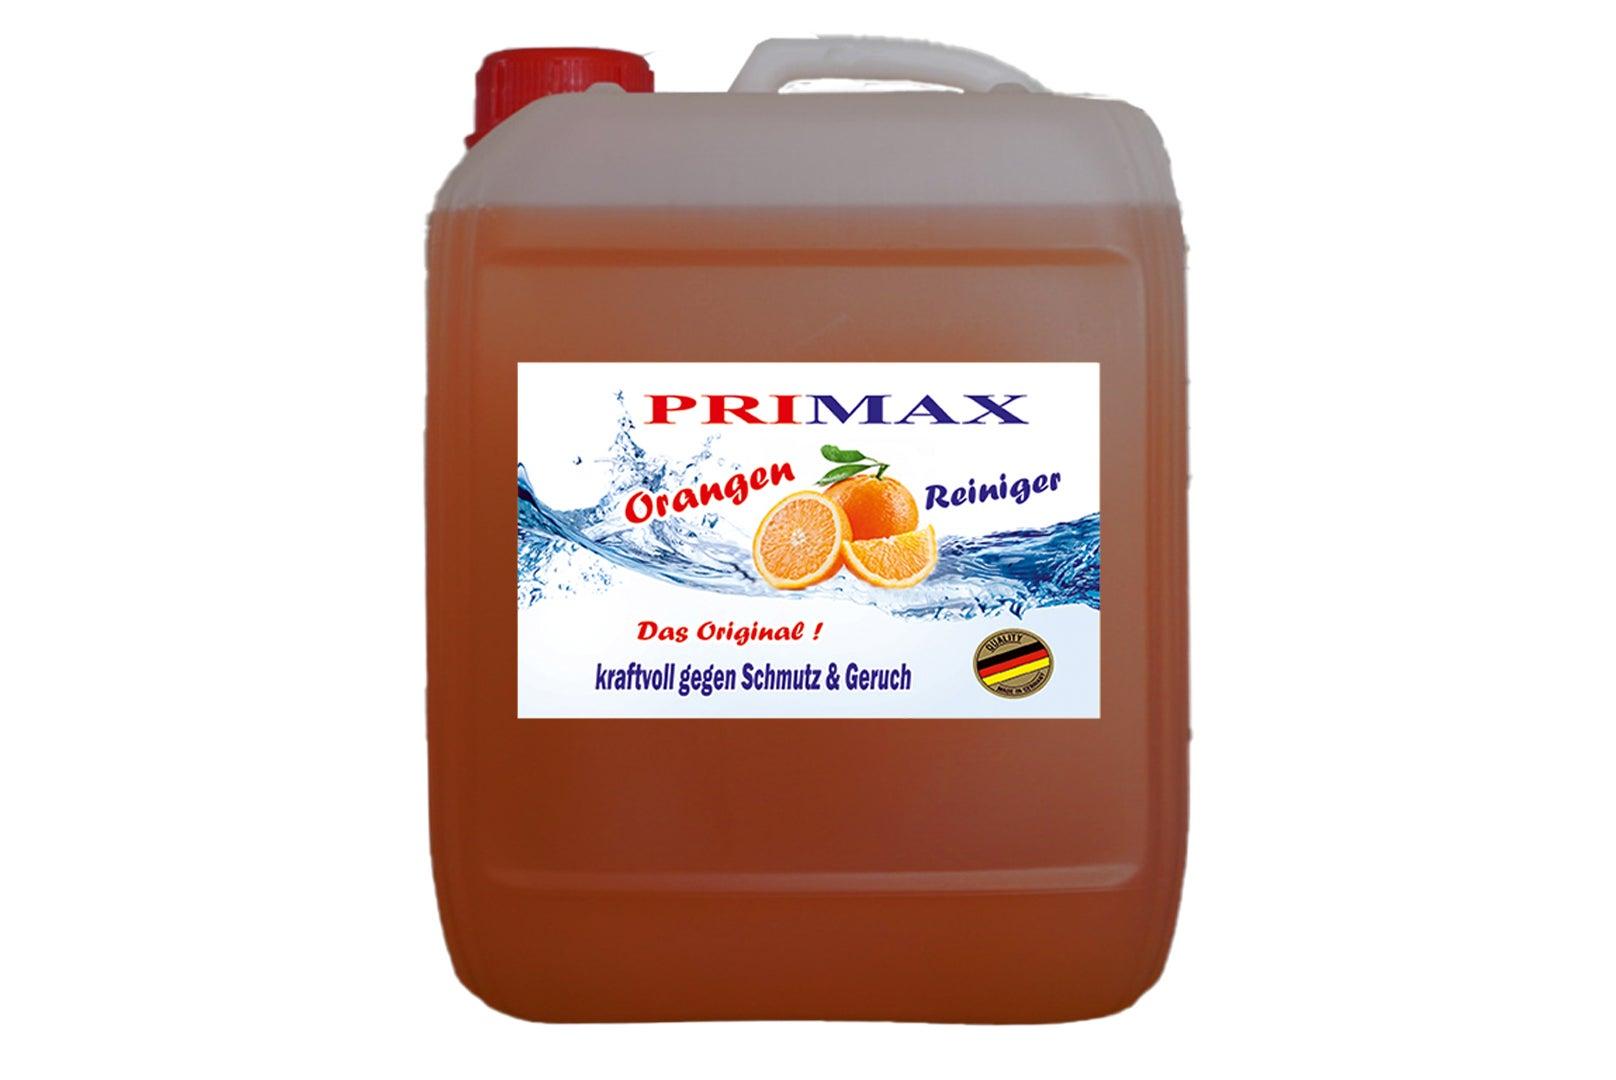 Primax Orangenreiniger Konzentrat